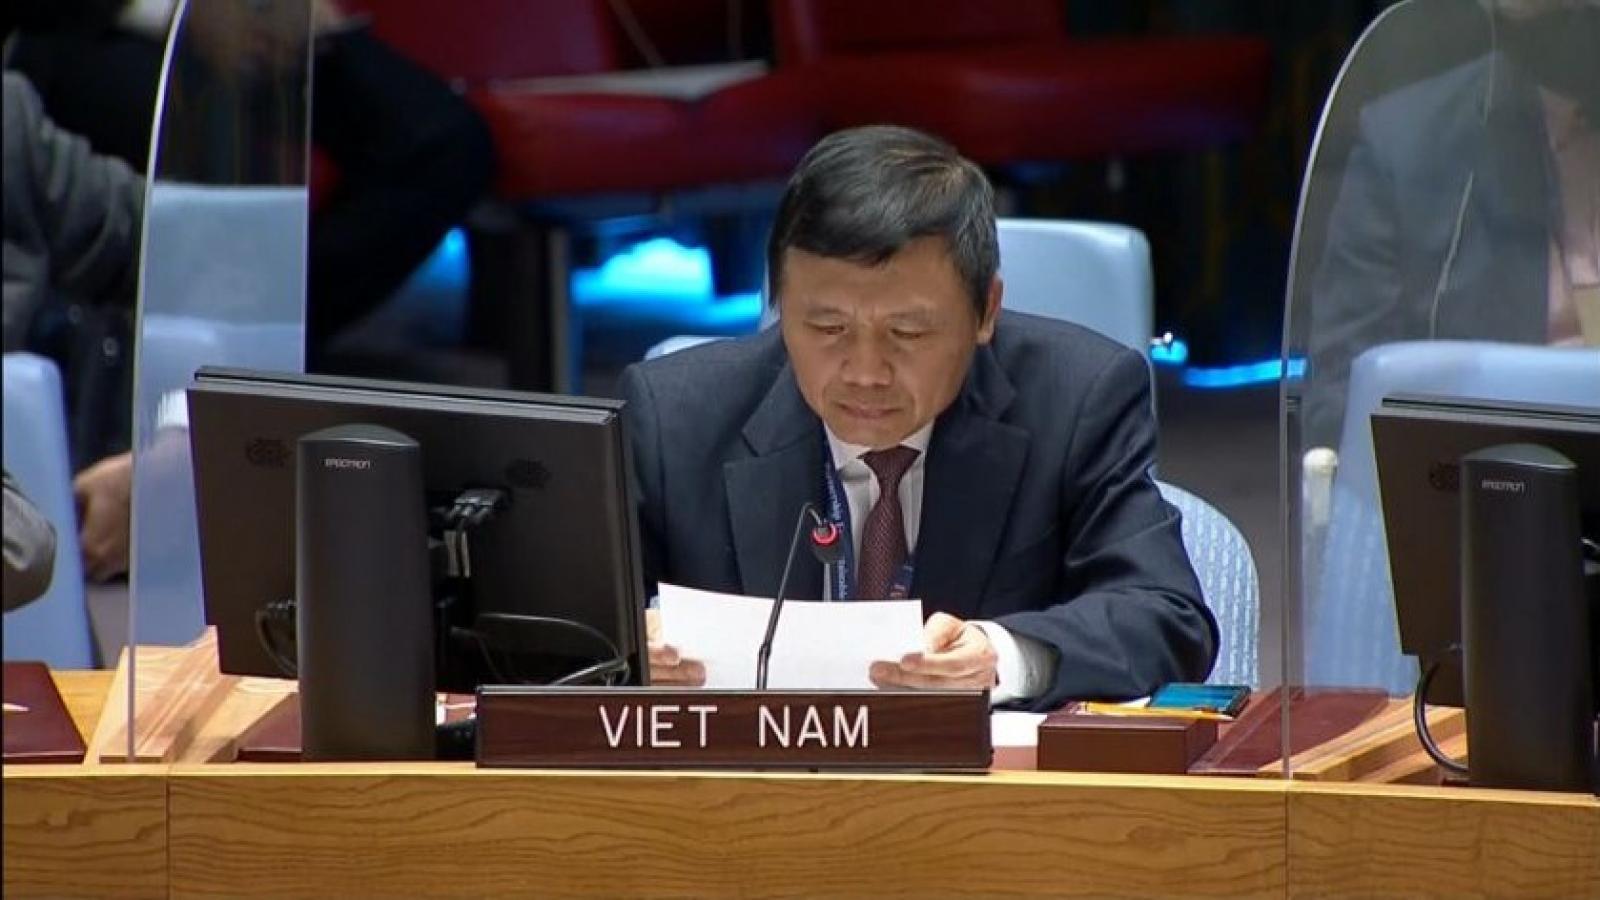 Hội đồng Bảo an Liên Hợp Quốc thảo luận về tiến trình bầu cử tại Haiti